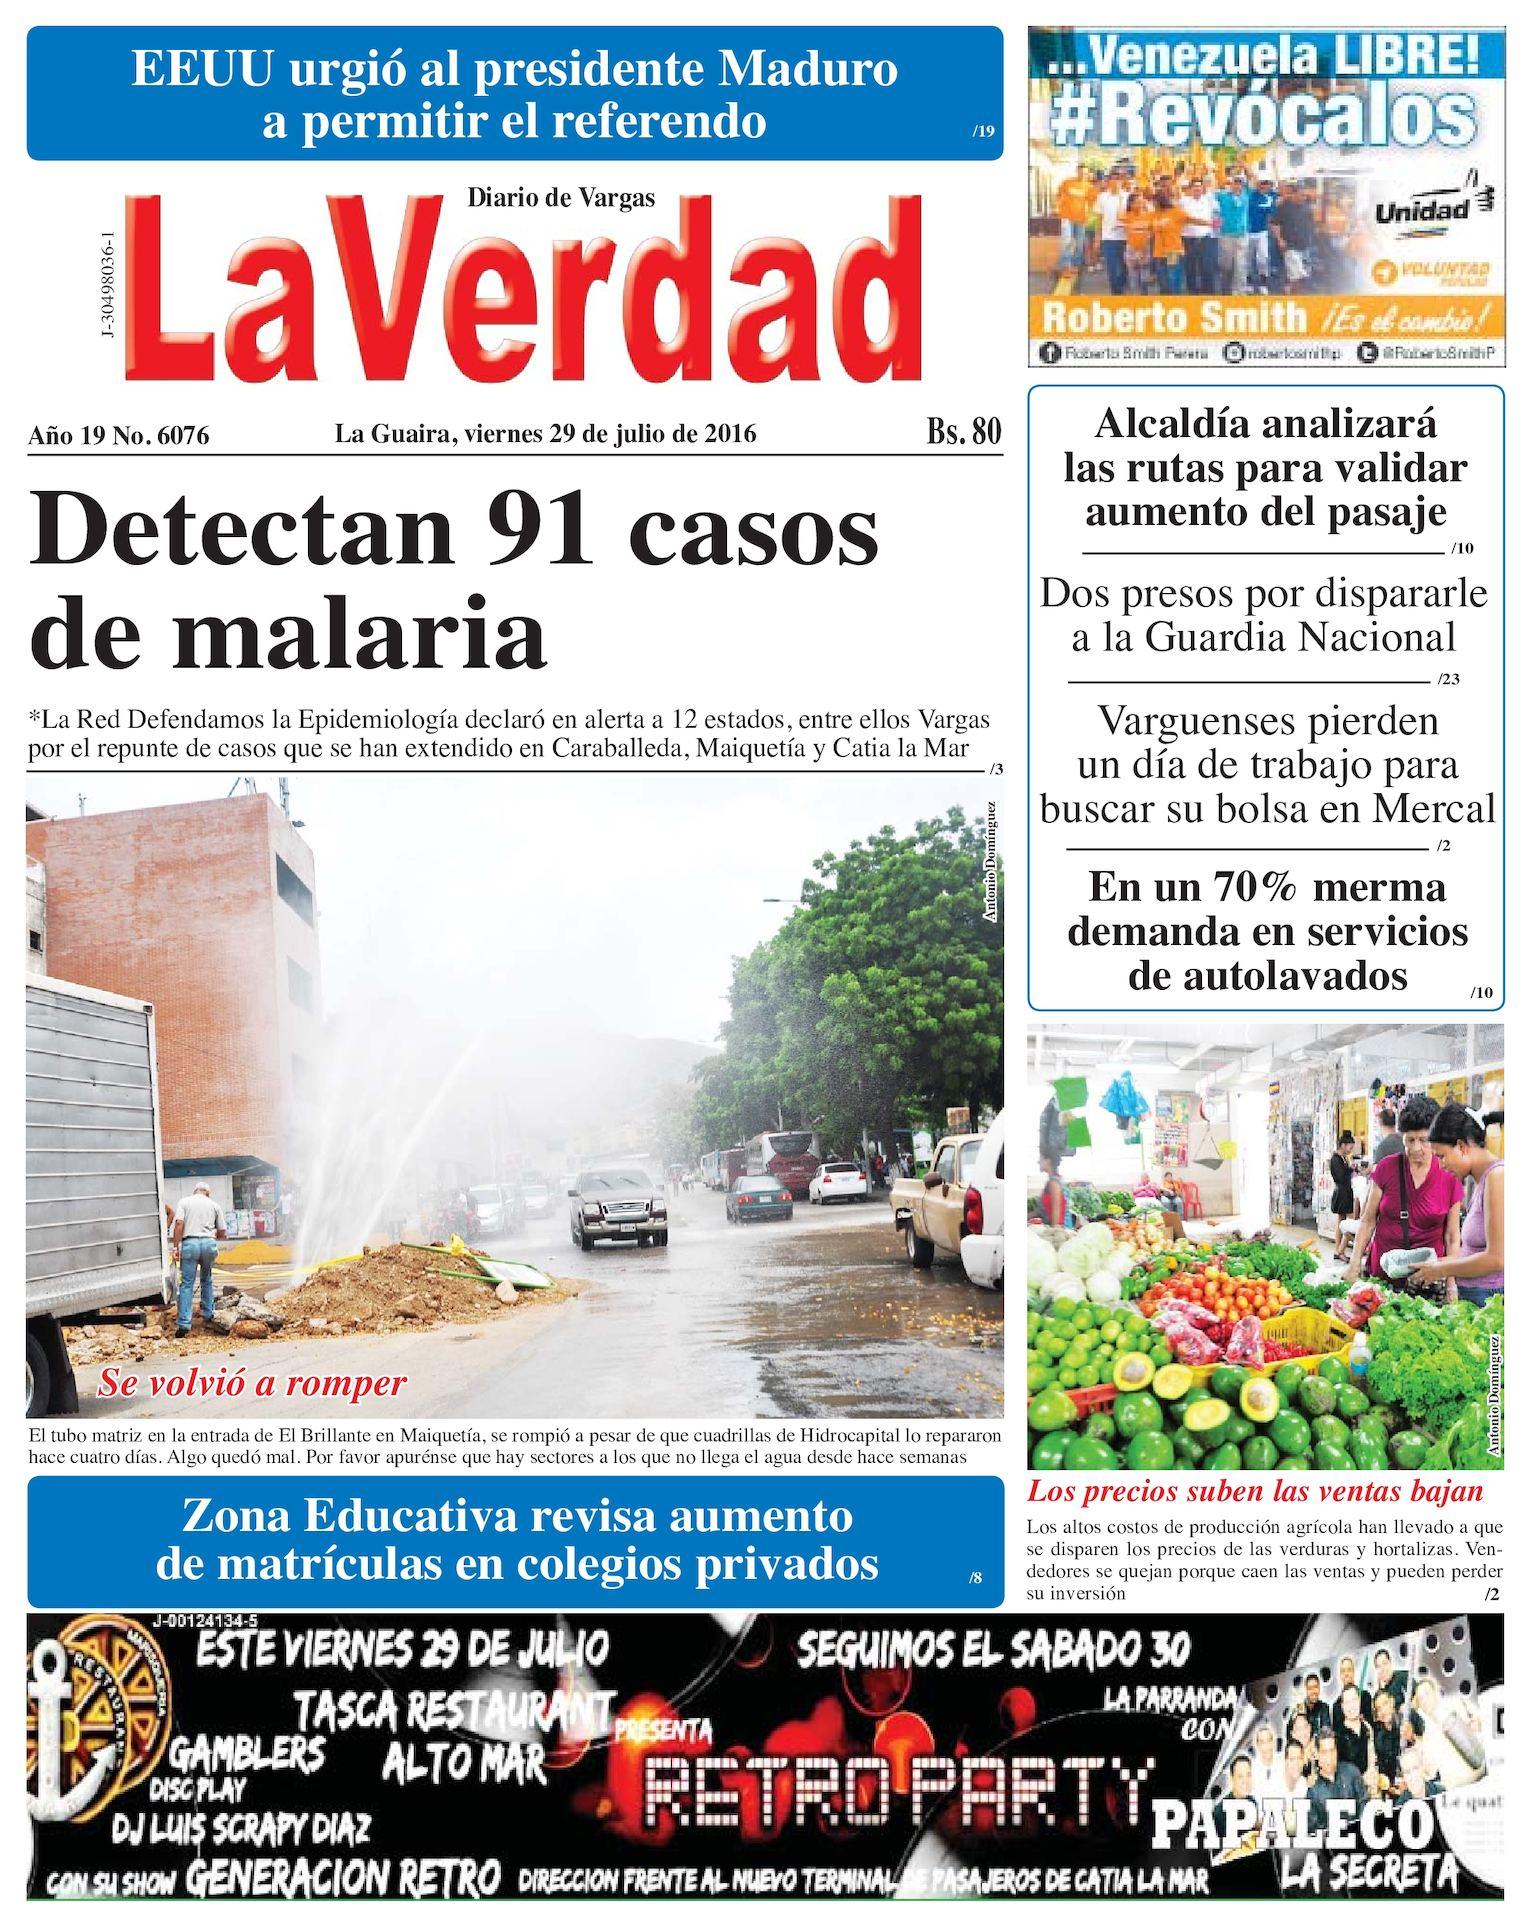 Calaméo - La Guaira, viernes 29 de julio de 2016 Año 19 Nº. 6076